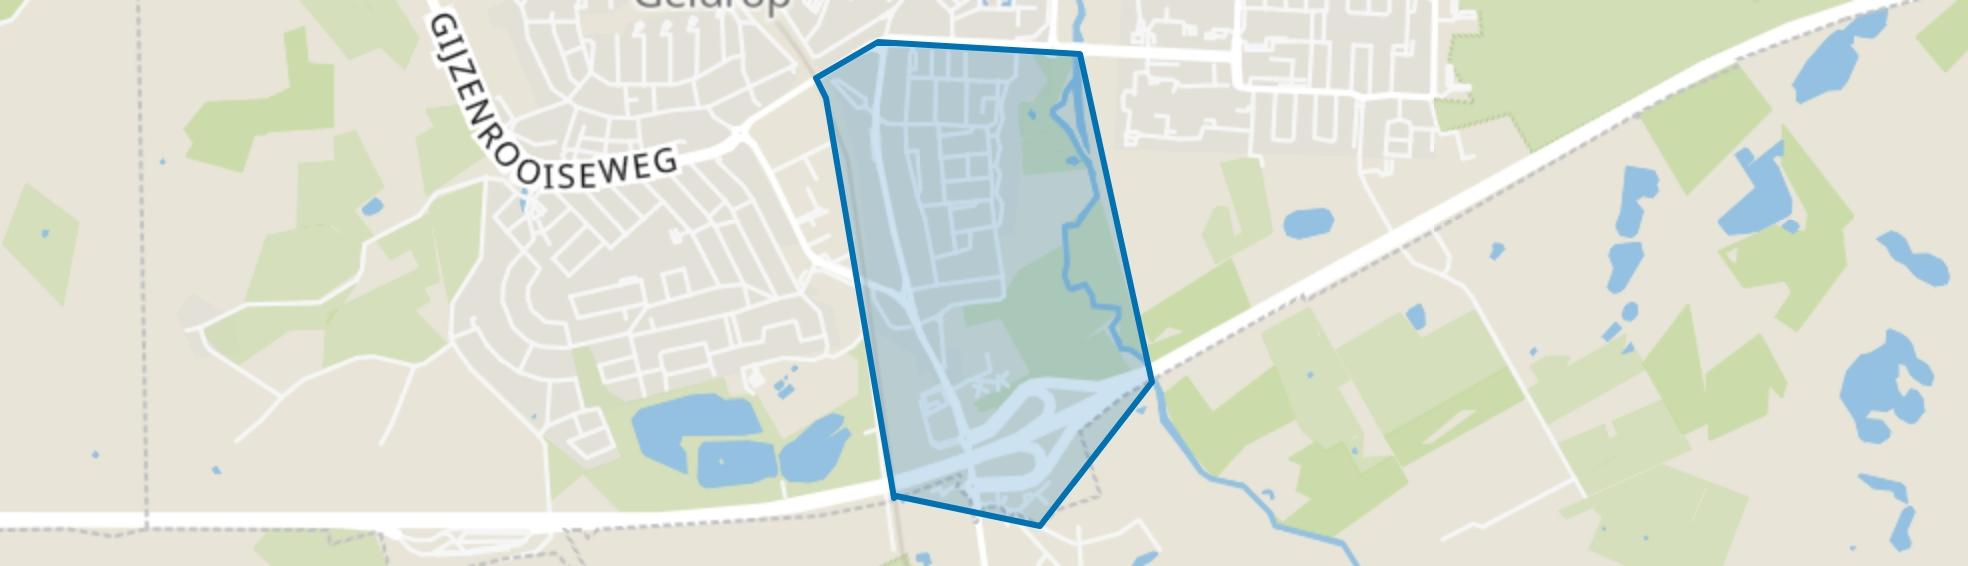 Akert, Geldrop map